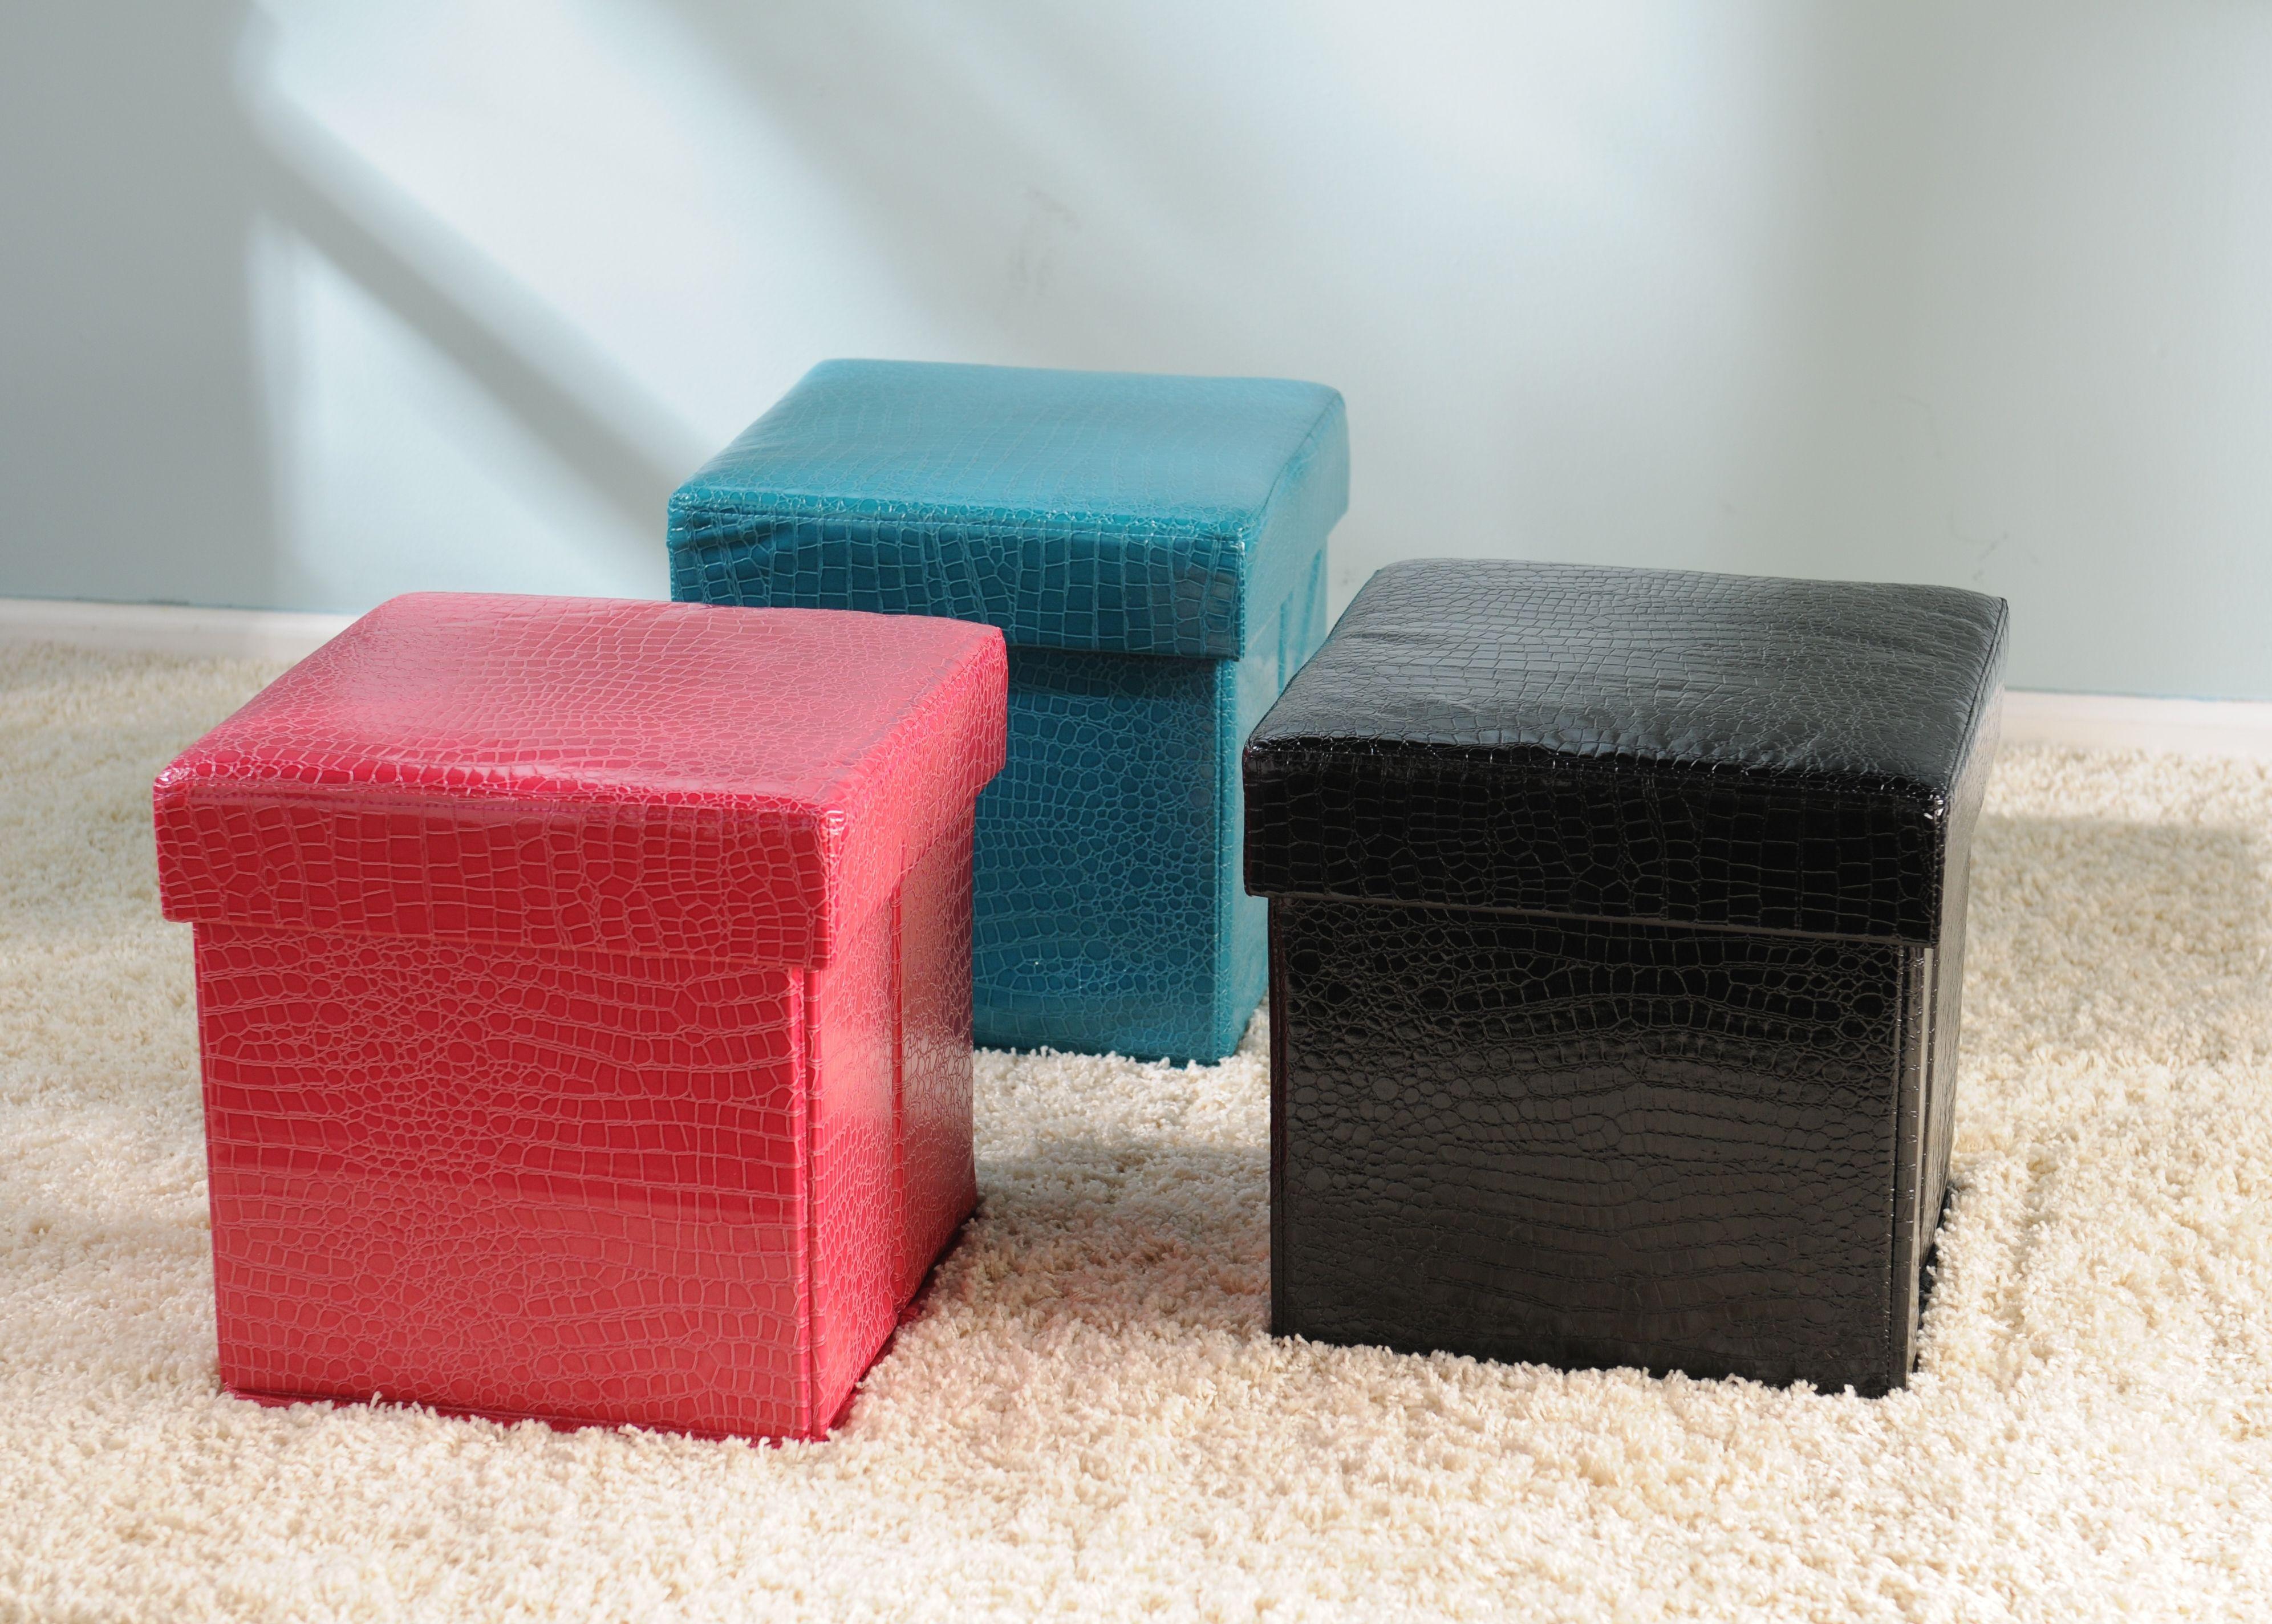 Sensational Product Details Blue Croc Storage Ottoman Home Bedroom Inzonedesignstudio Interior Chair Design Inzonedesignstudiocom